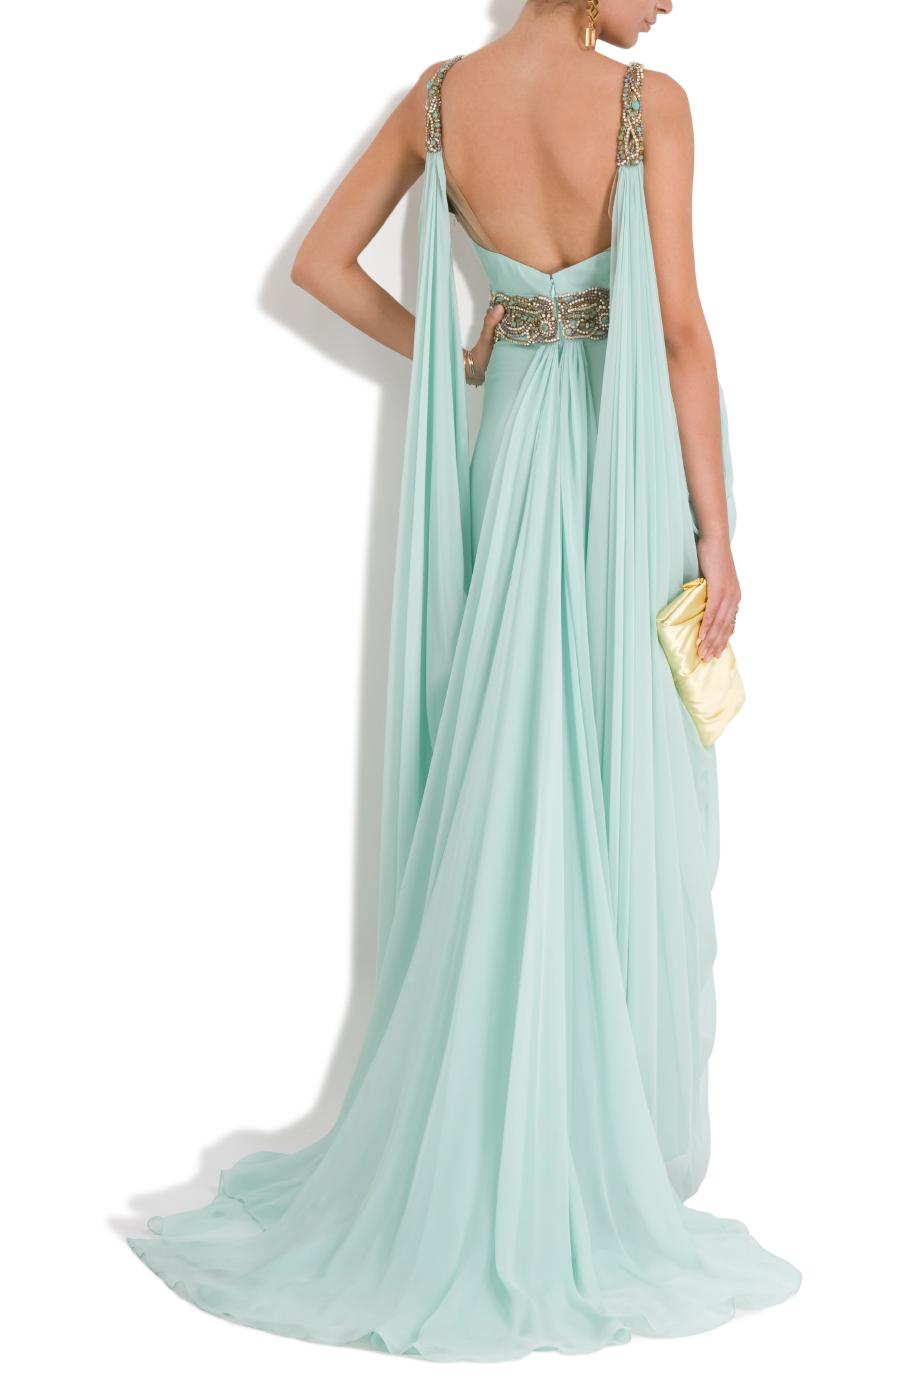 Lyst - Marchesa Chiffon Embellished Grecian Gown in Blue